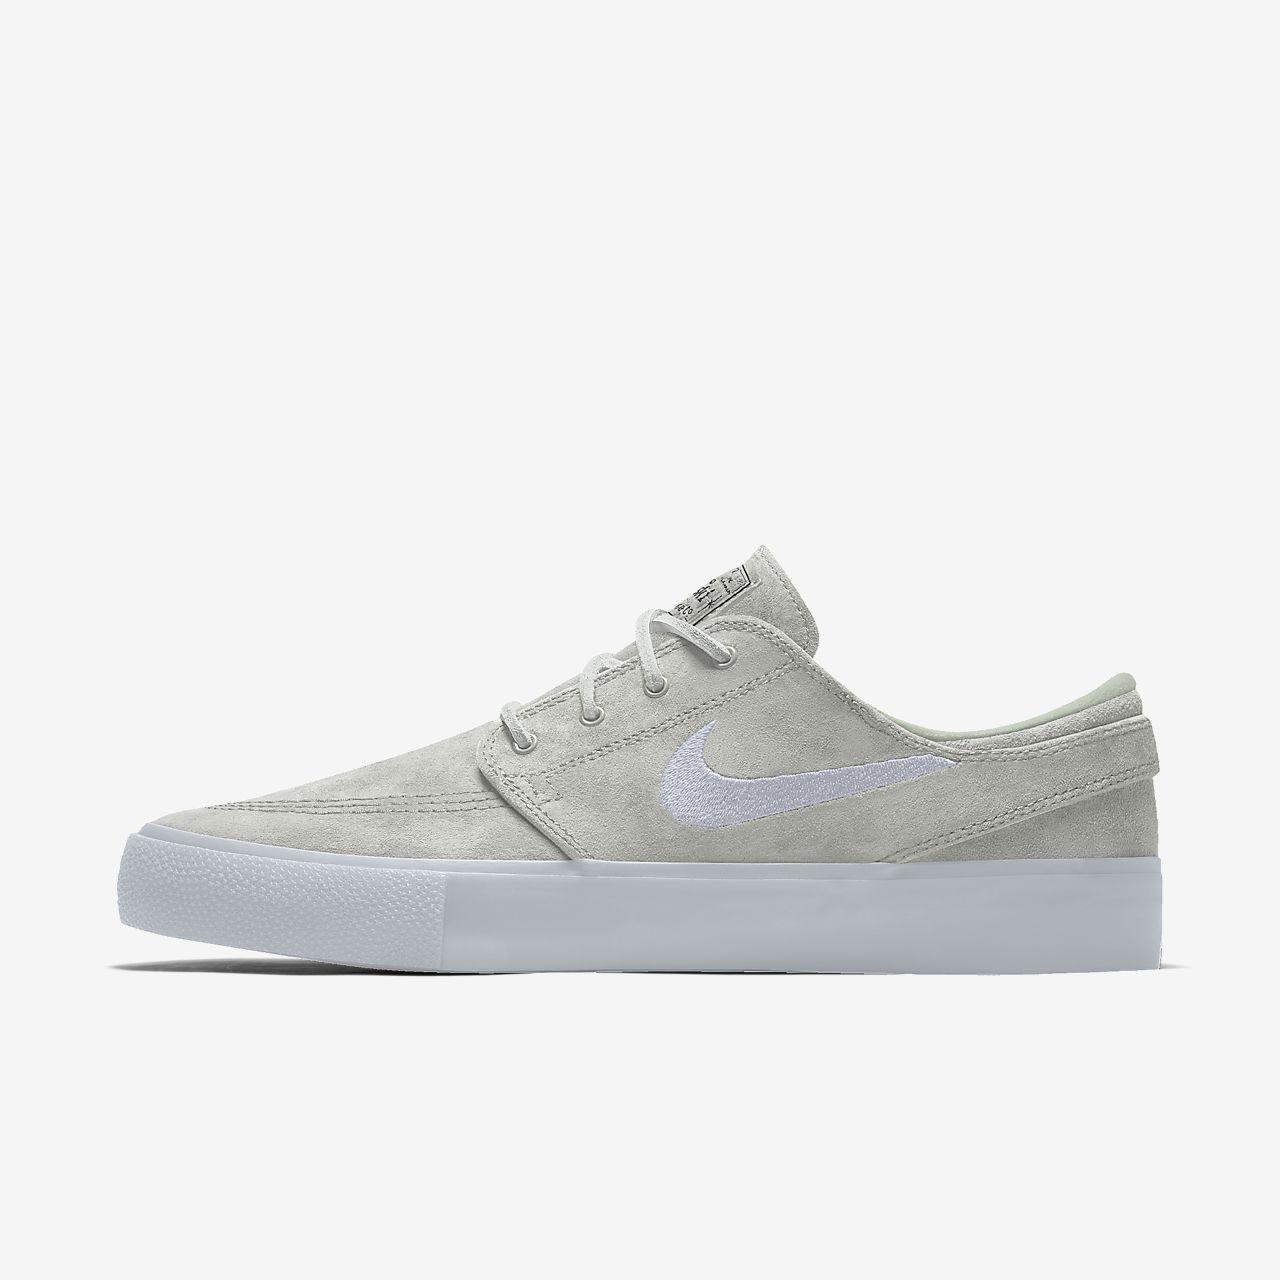 Εξατομικευμένο παπούτσι skateboarding Nike SB Zoom Stefan Janoski RM By You